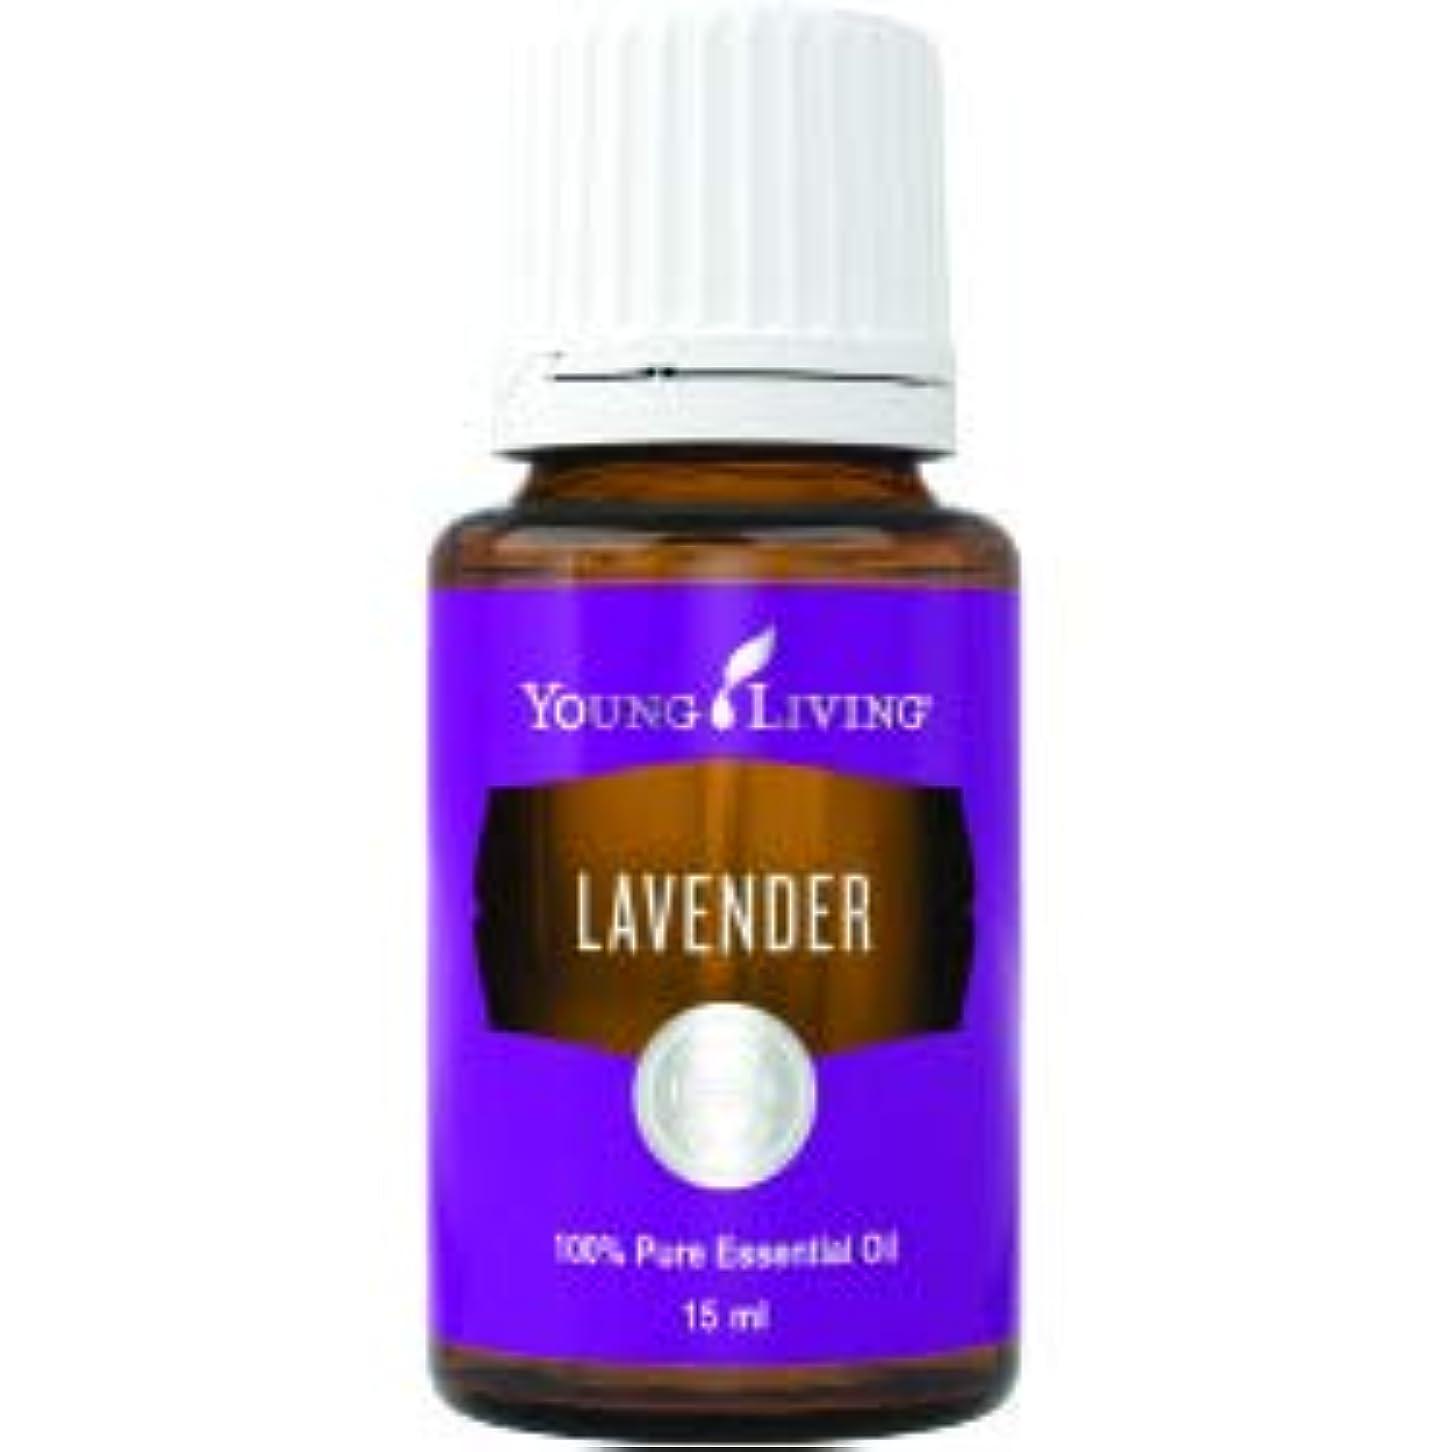 状サスペンション渇きラベンダーエッセンシャルオイル15ml by Young Livingエッセンシャルオイルマレーシア Lavender Essential Oil 15ml by Young Living Essential Oil Malaysia